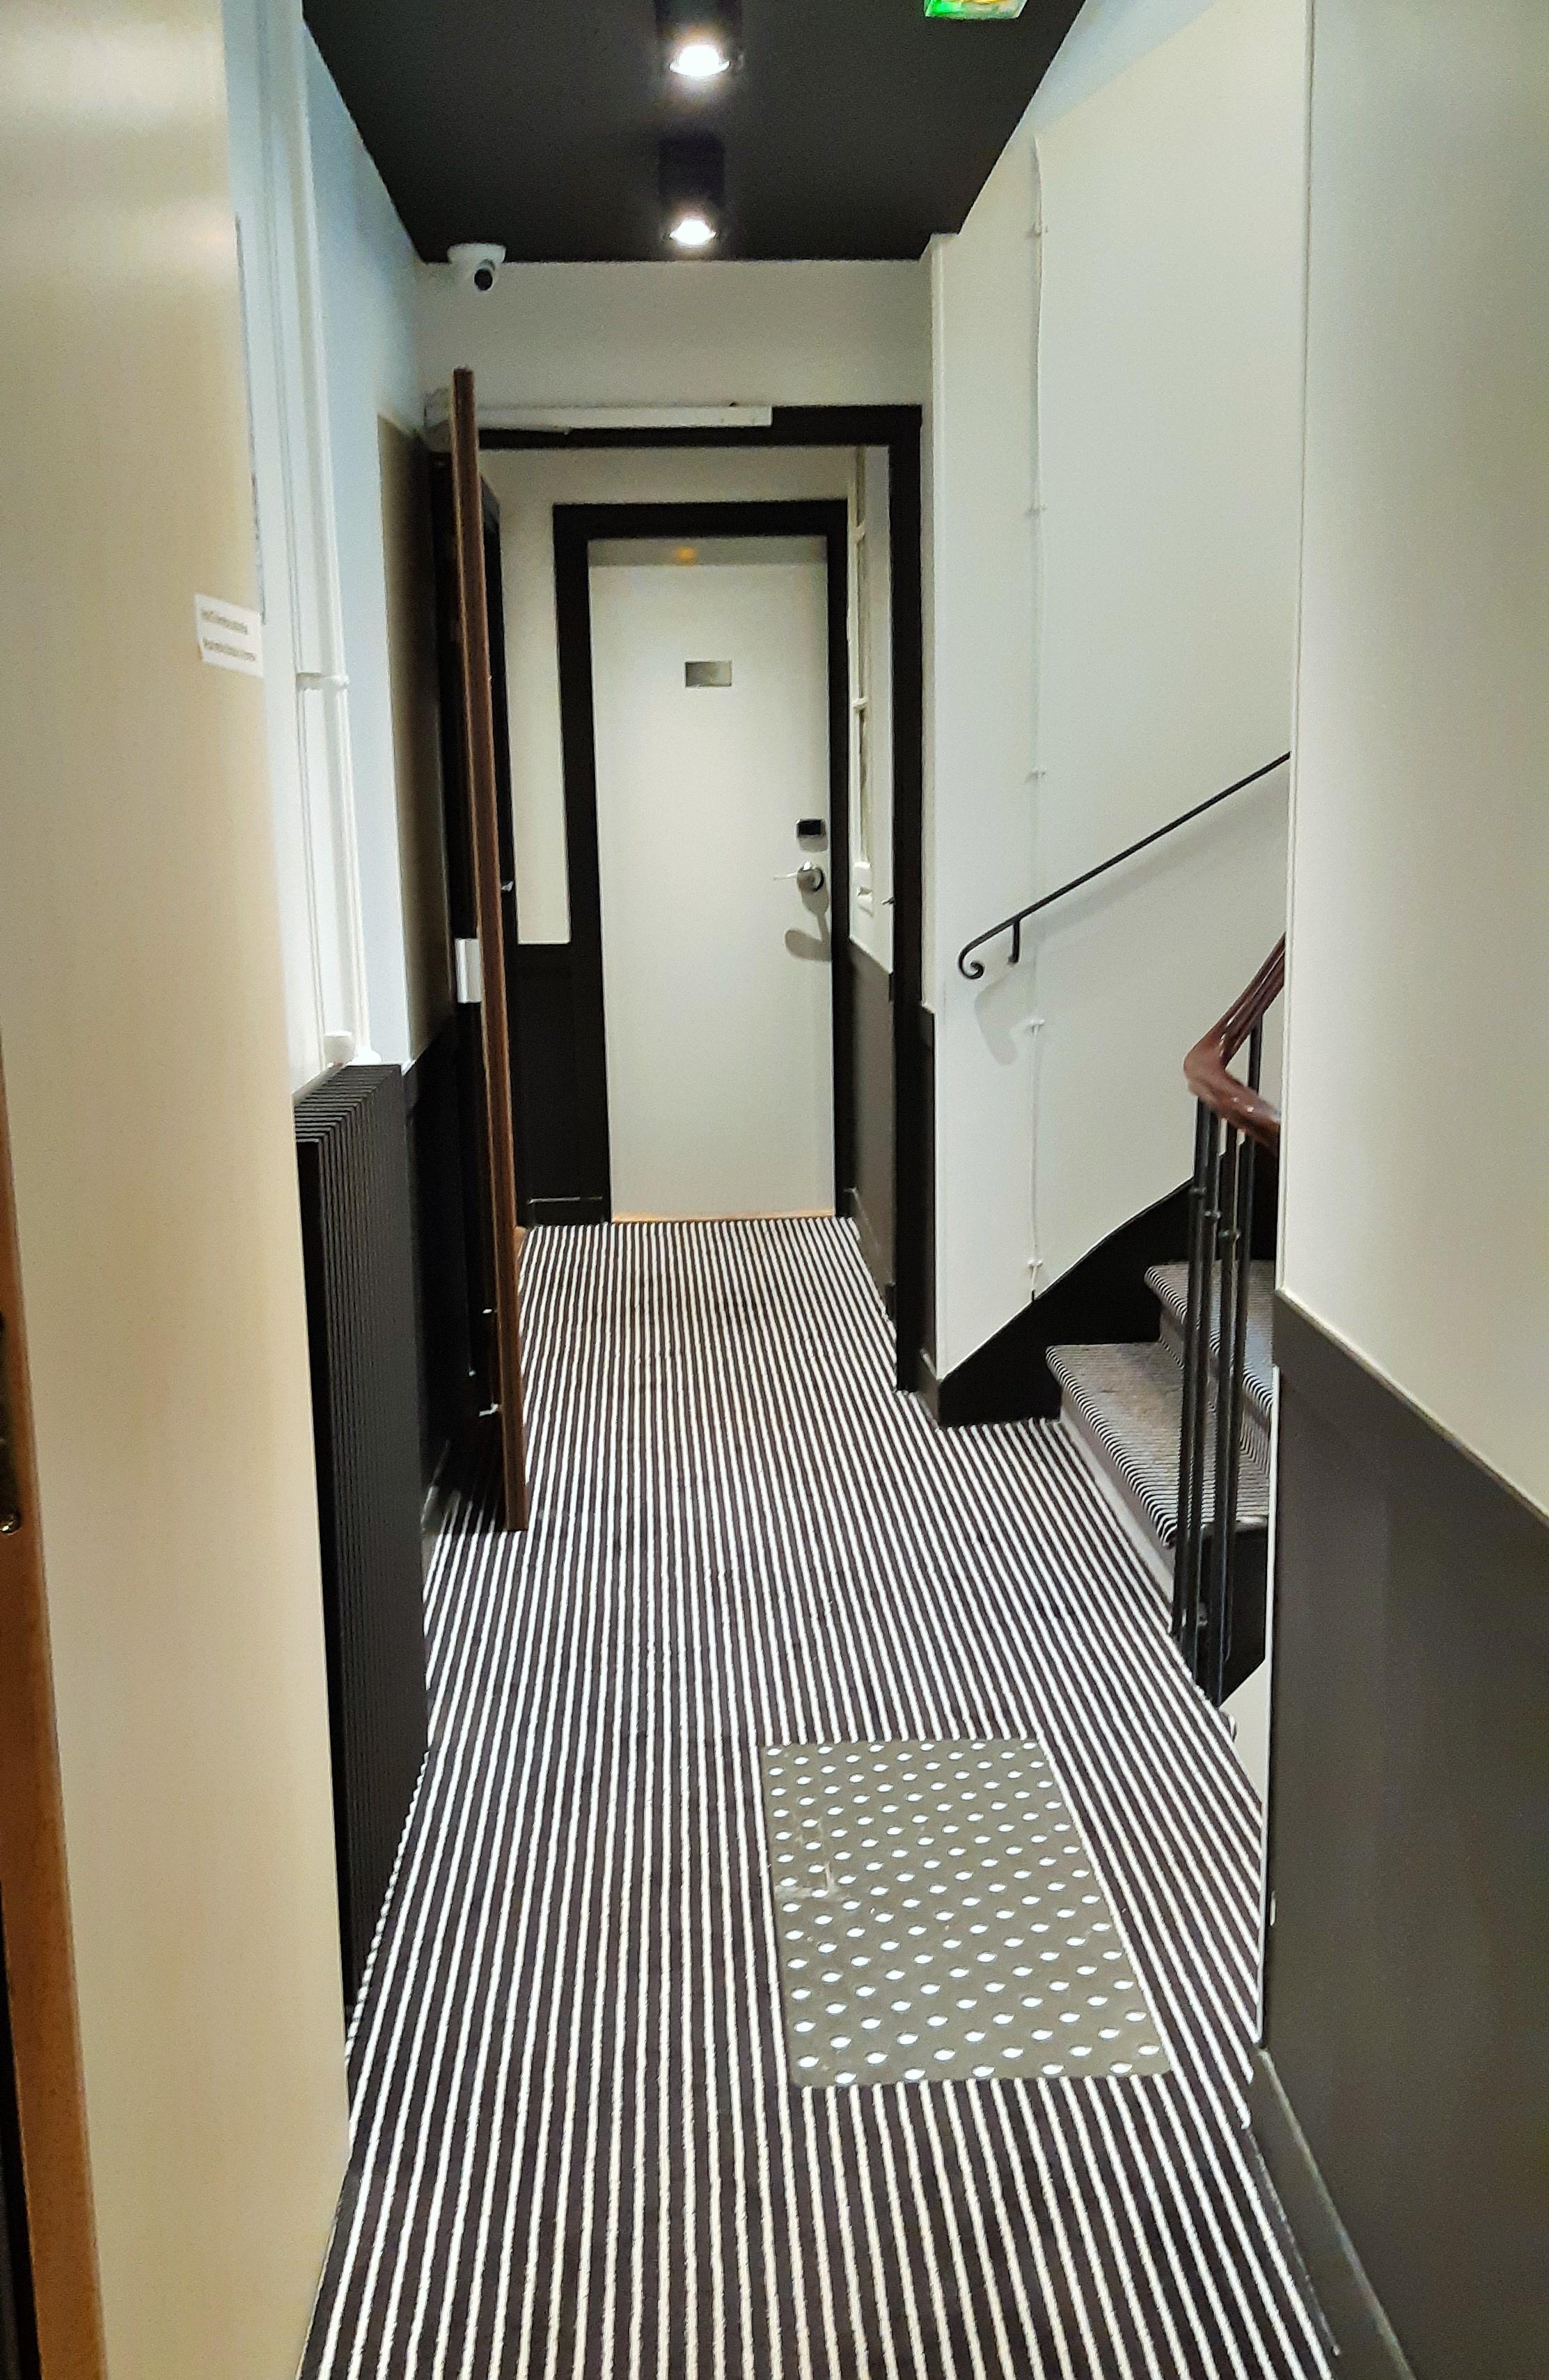 https://0901.nccdn.net/4_2/000/000/058/442/Hotel-Nouvel---4-2225x3419.jpg